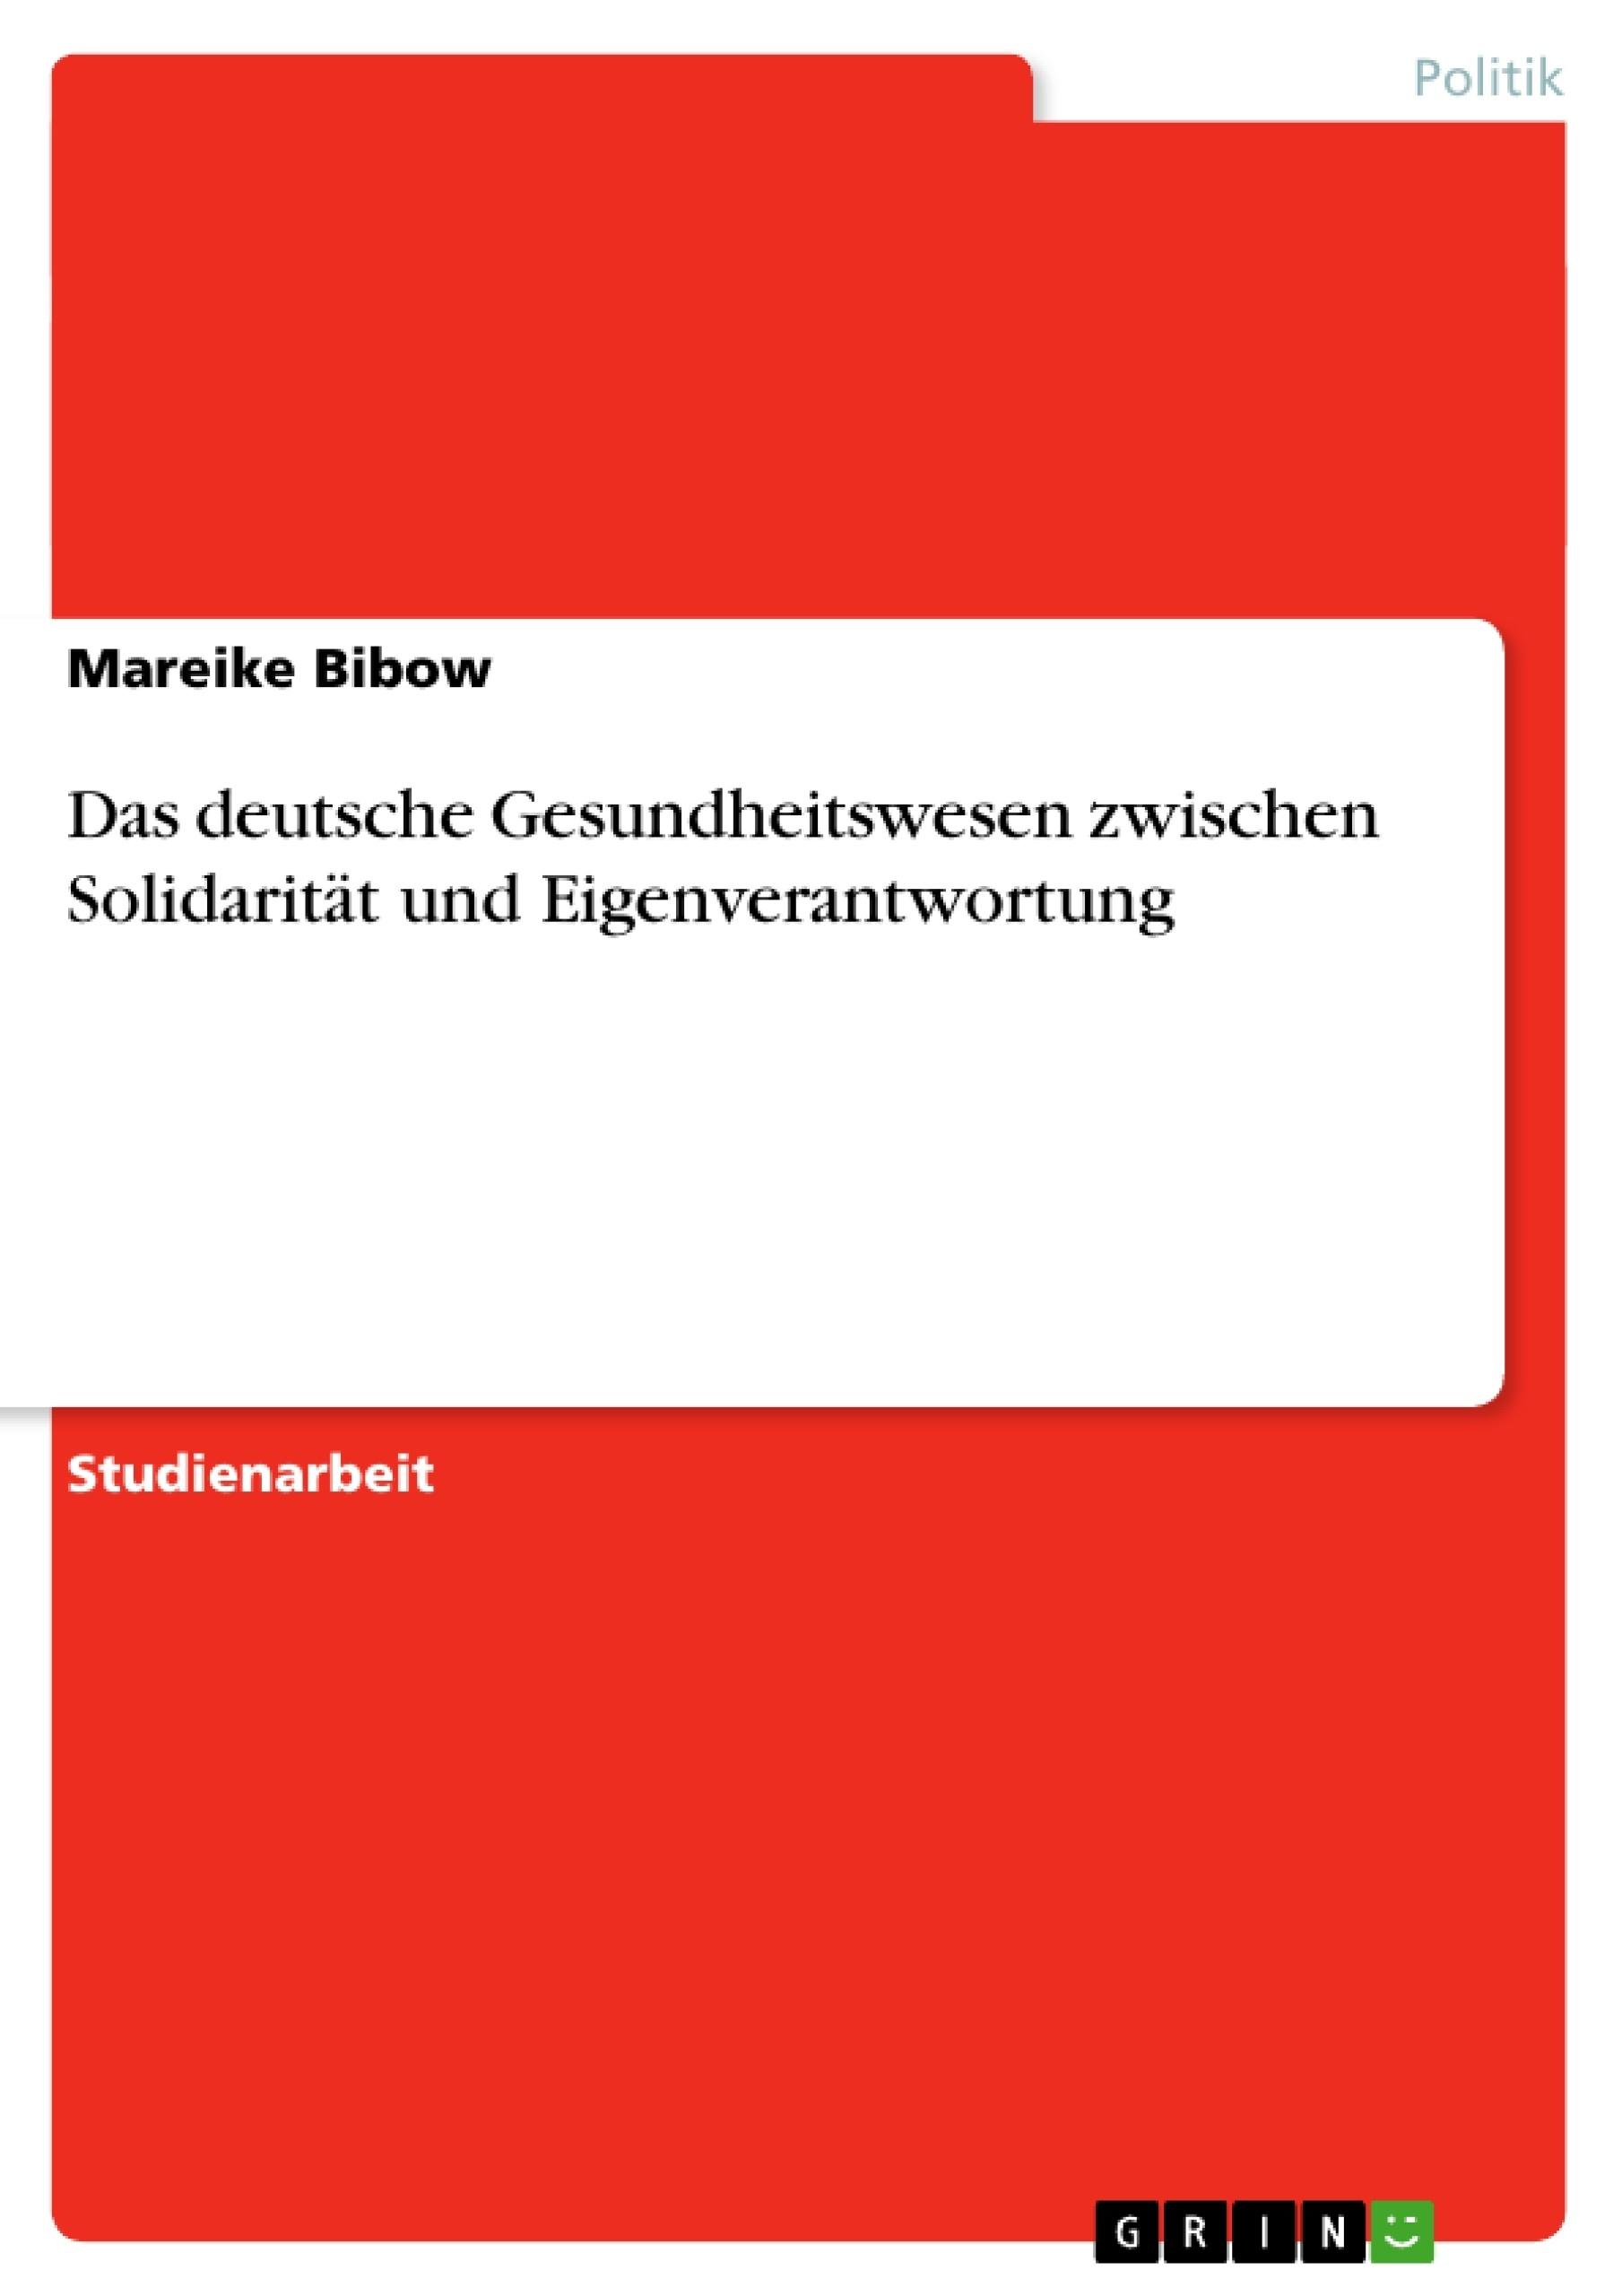 Titel: Das deutsche Gesundheitswesen zwischen Solidarität und Eigenverantwortung